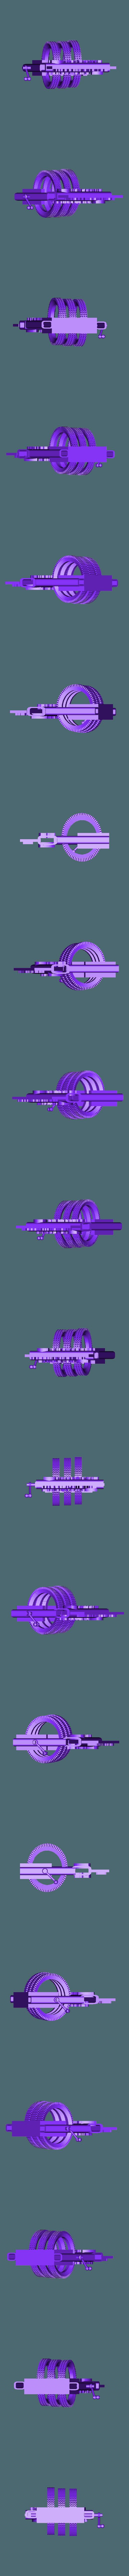 SERVICE_STATION_TYRE_STAND.stl Télécharger fichier STL gratuit Support pour pneus de station-service • Design à imprimer en 3D, procv